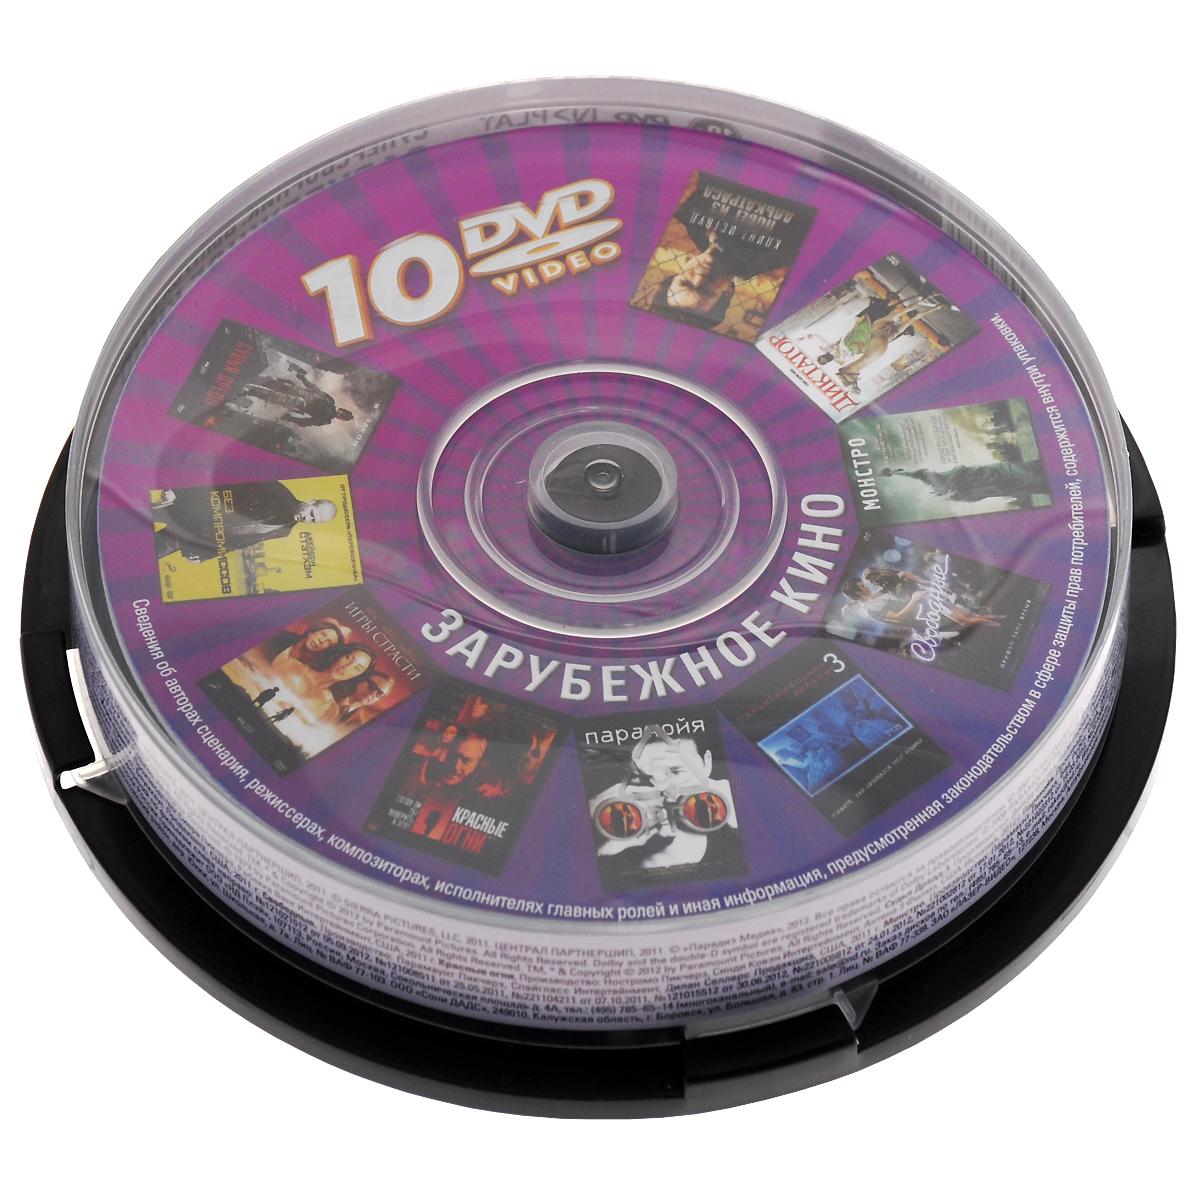 Суперсборник: Выпуск 2: Зарубежное кино (10 DVD) диск dvd смурфики 2 пл